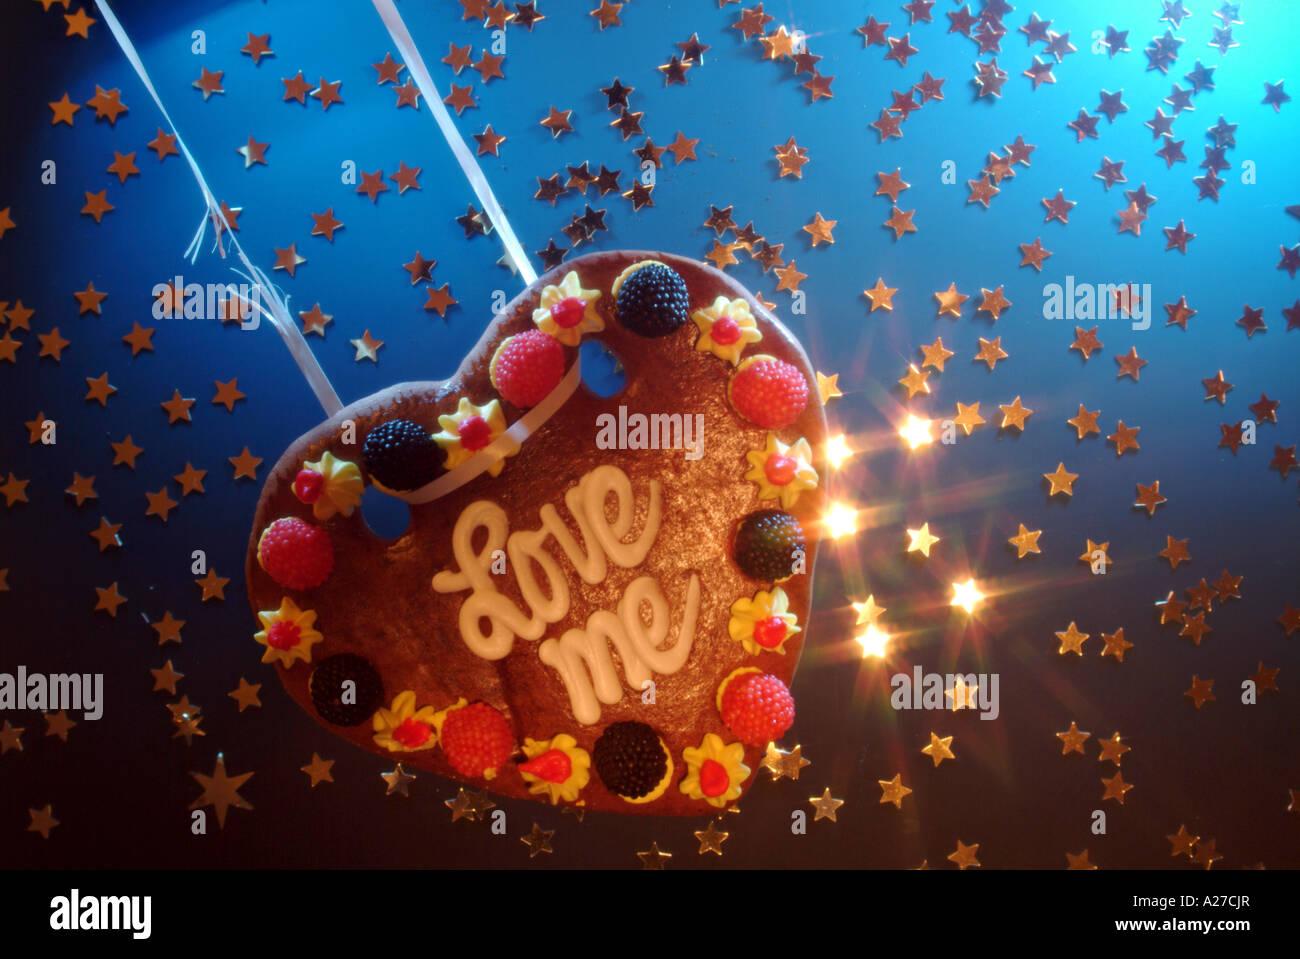 Cuore di amore fatto di torta di miele basculante in una stringa rotto in stelle Immagini Stock